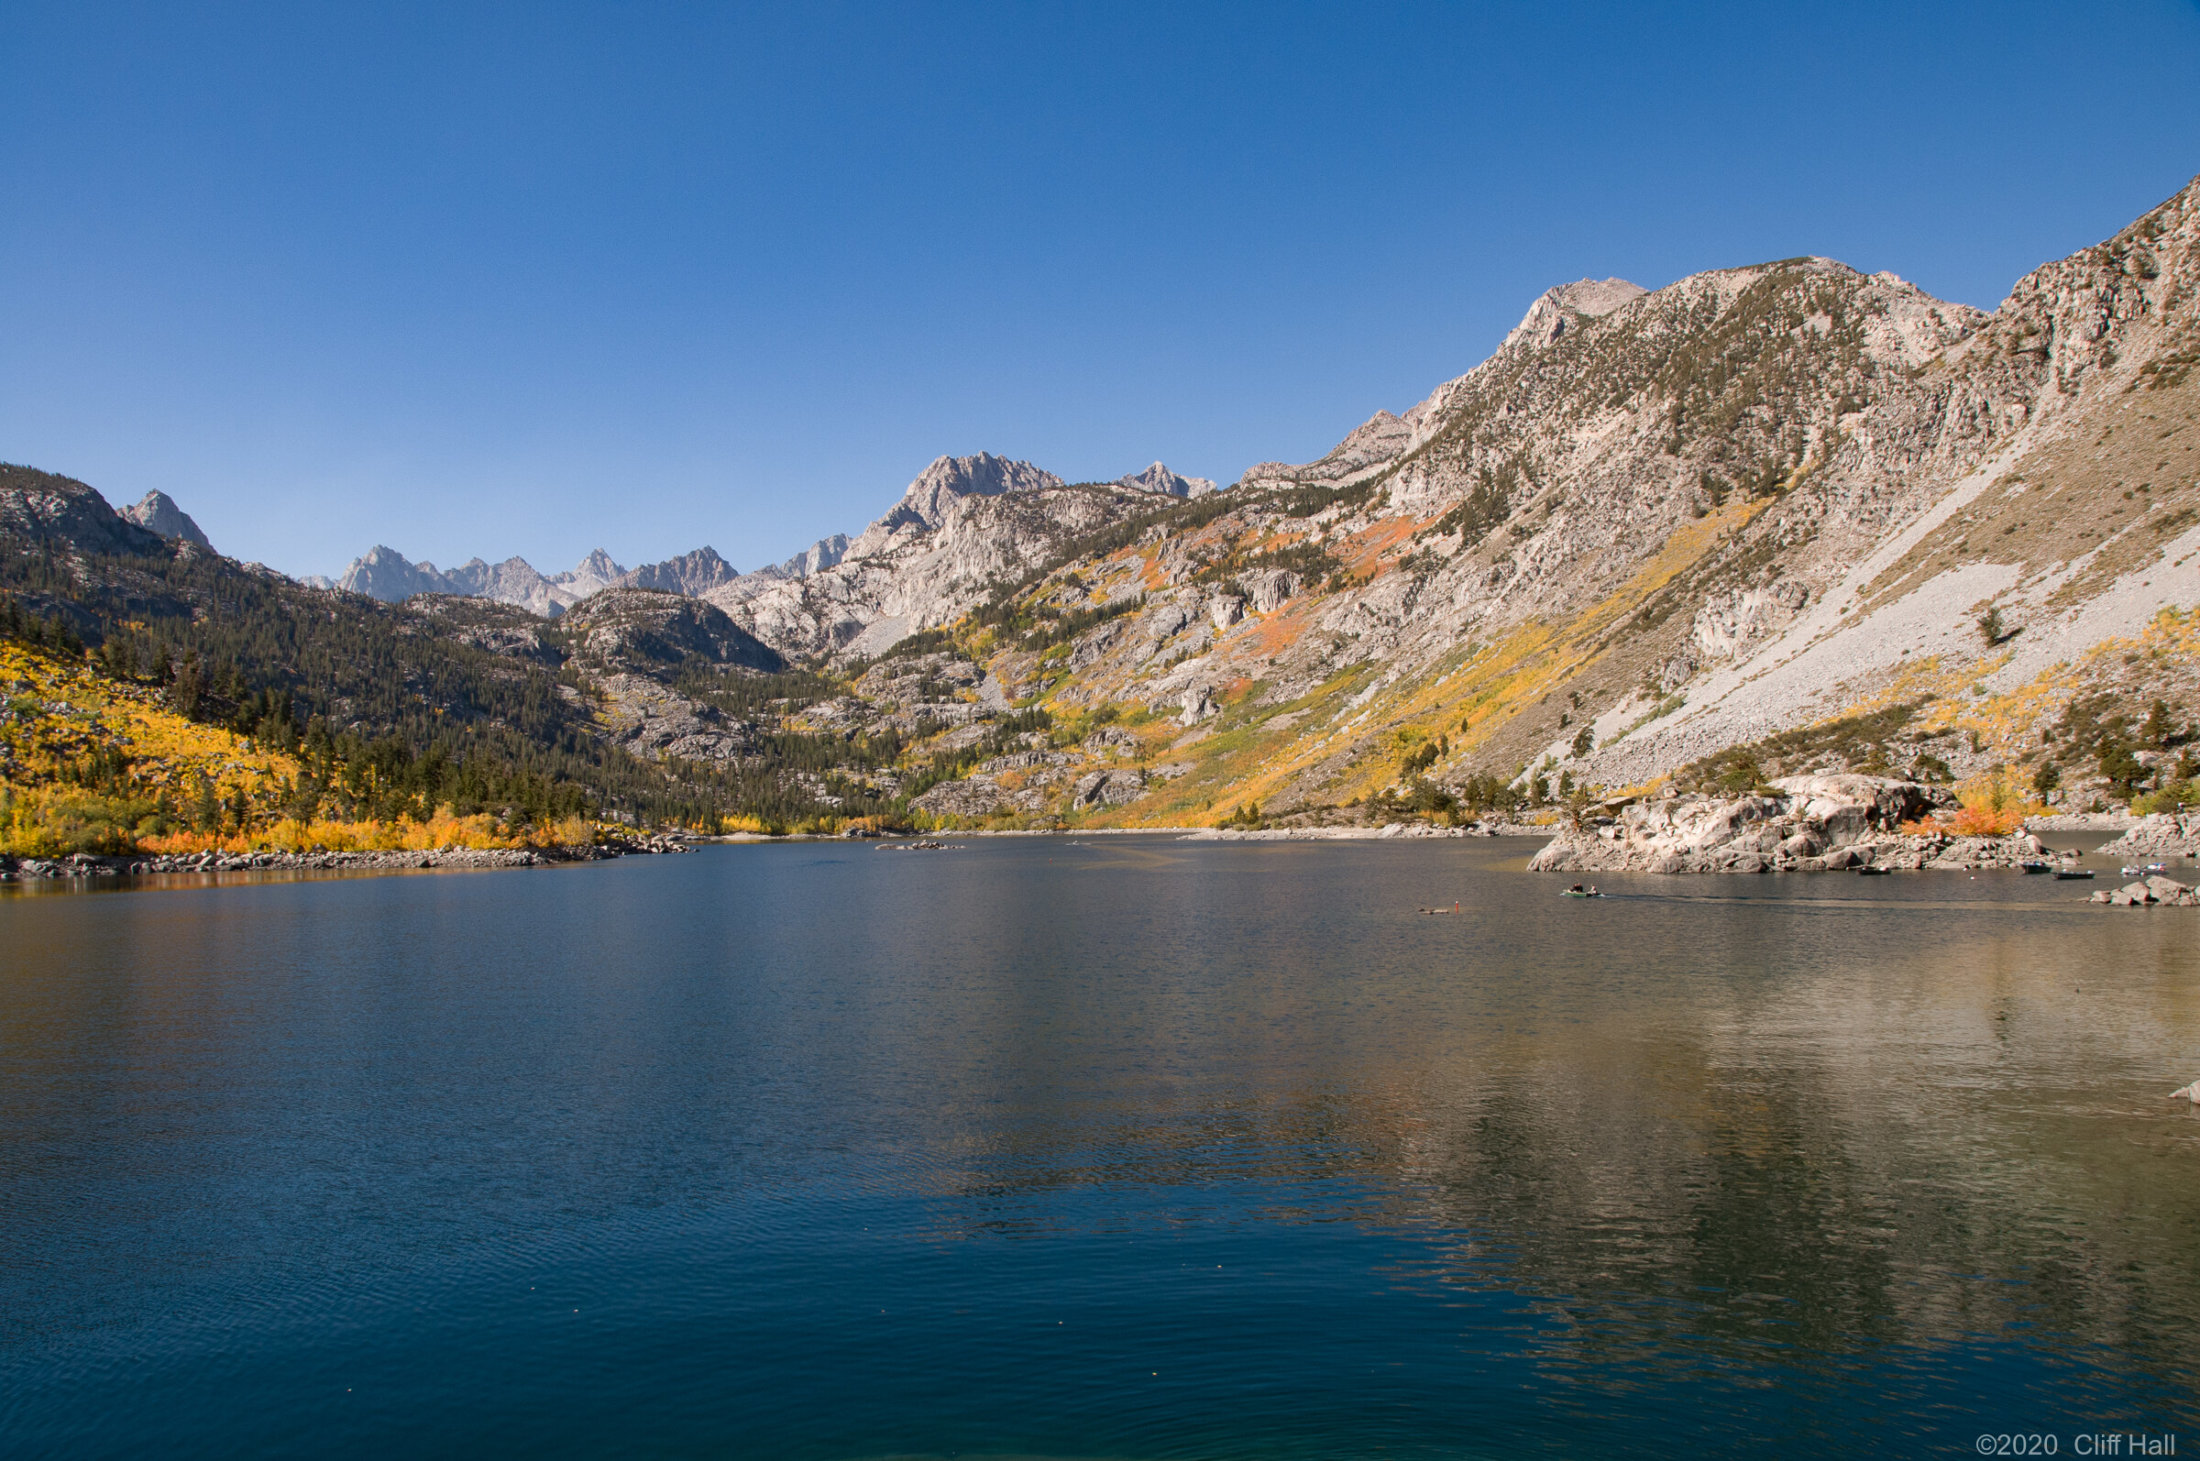 Sabrina Lake, California